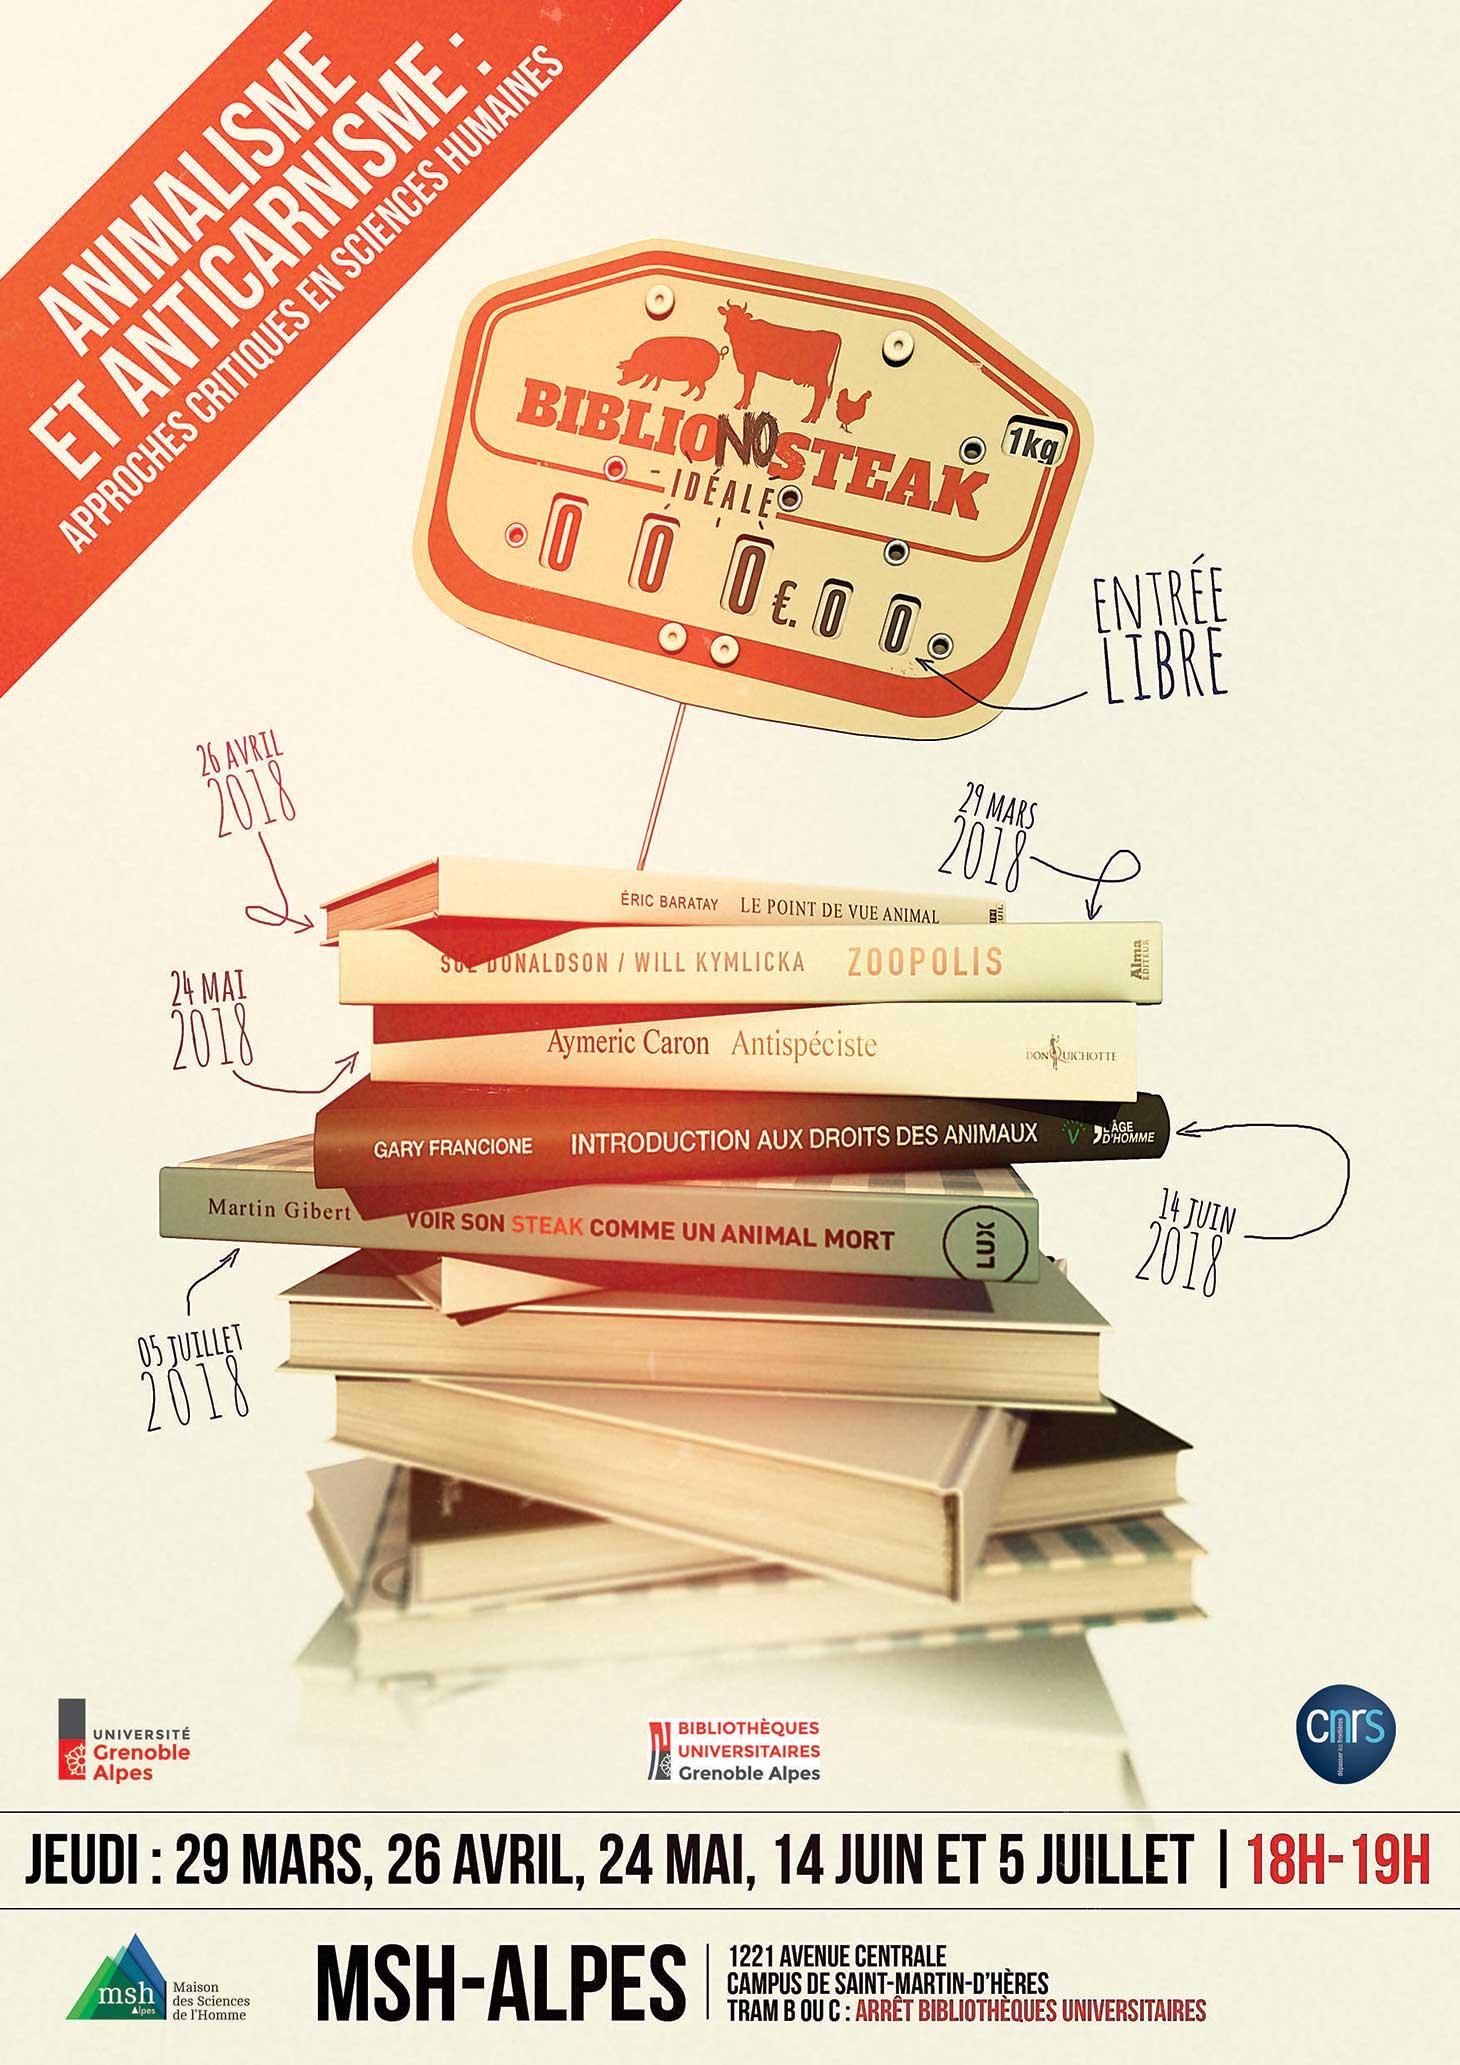 Affiche du cycle de conférences BiblioNoSteak Idéale